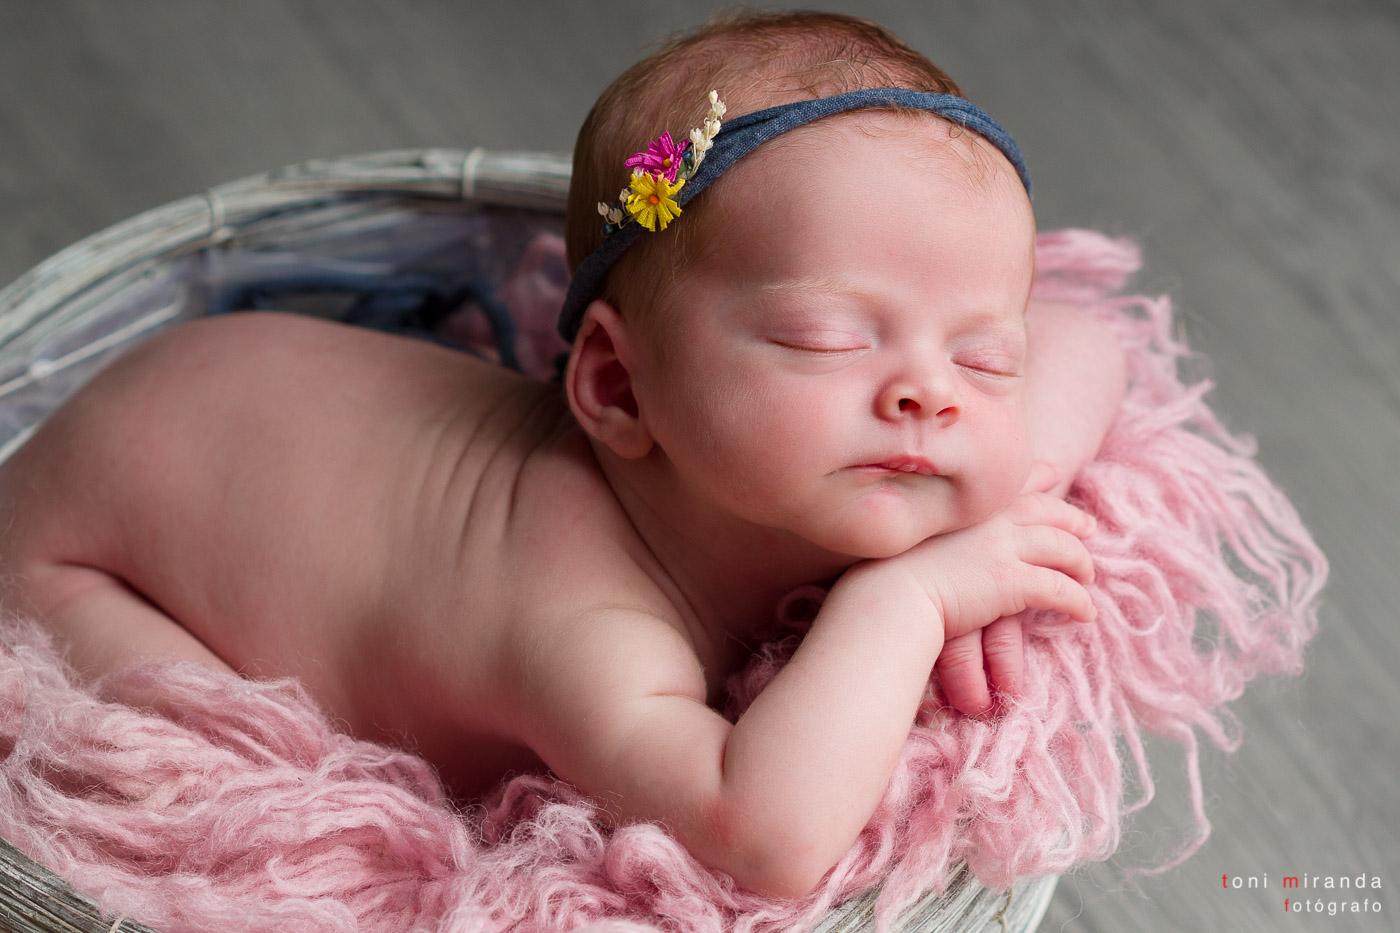 bebe durmiendo en cestita con diadema